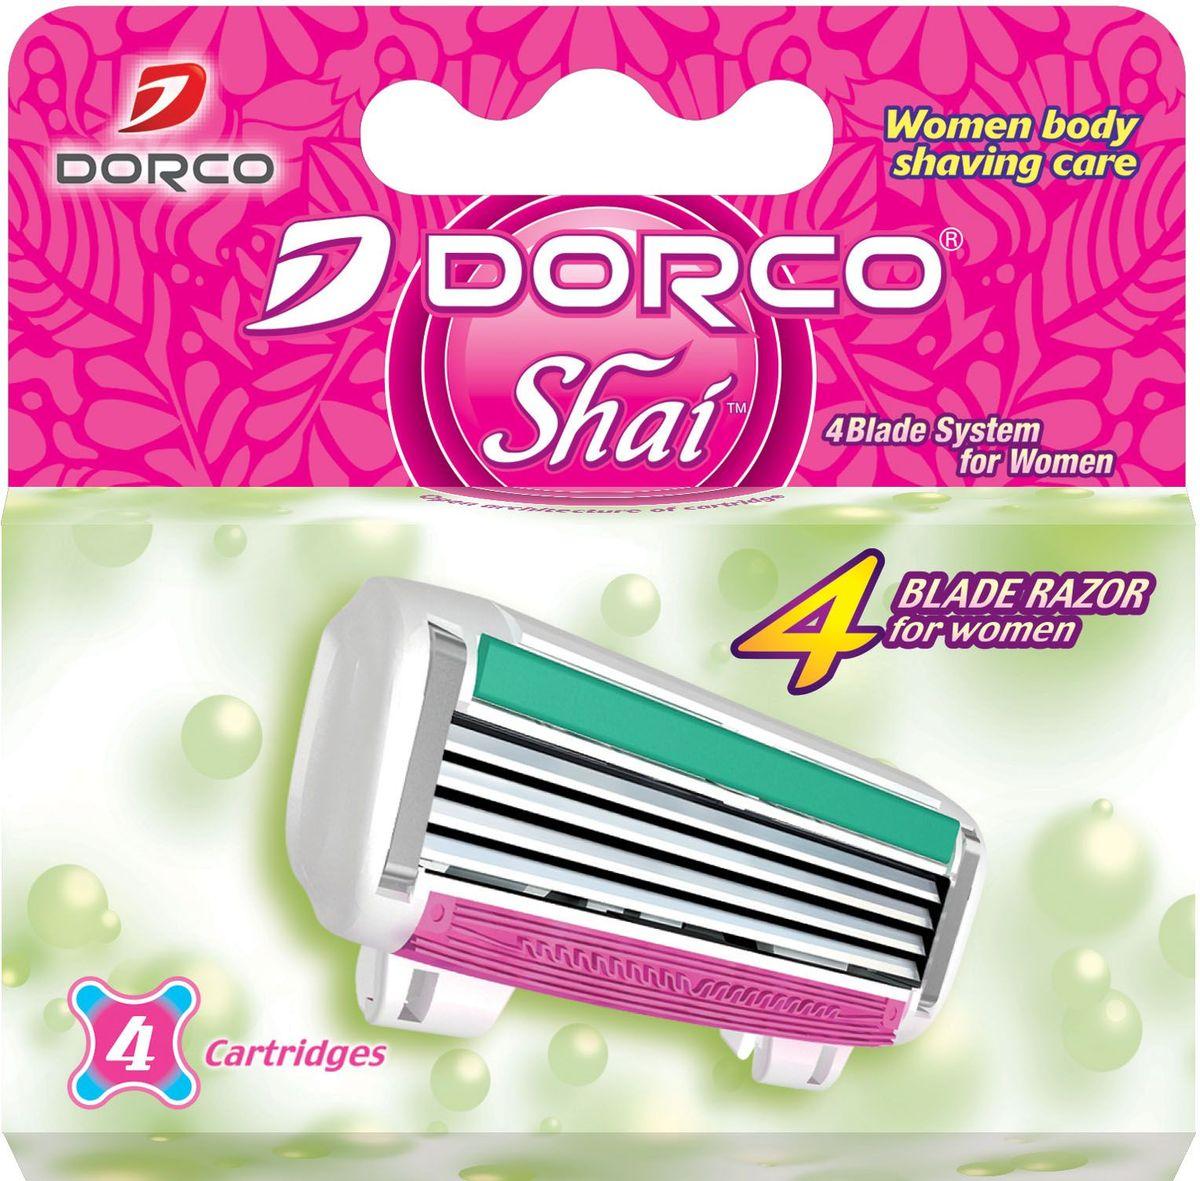 Dorco Kассеты для бритья Shai 4, женские, 4 шт.851230Кассеты с увлажняющей полоской и 4 лезвиями обеспечивают превосходный комфорт и чистоту бритья. Лезвия легко промываются. Плавающая головка обеспечивает гладкое и чистое бритье. ГОСТ Р 51243-99. Лезвие не вытирать. Не использовать в целях, отличающихся от прямого назначения продукта. Беречь от детей. Хранить в сухом, недоступном для детей месте.